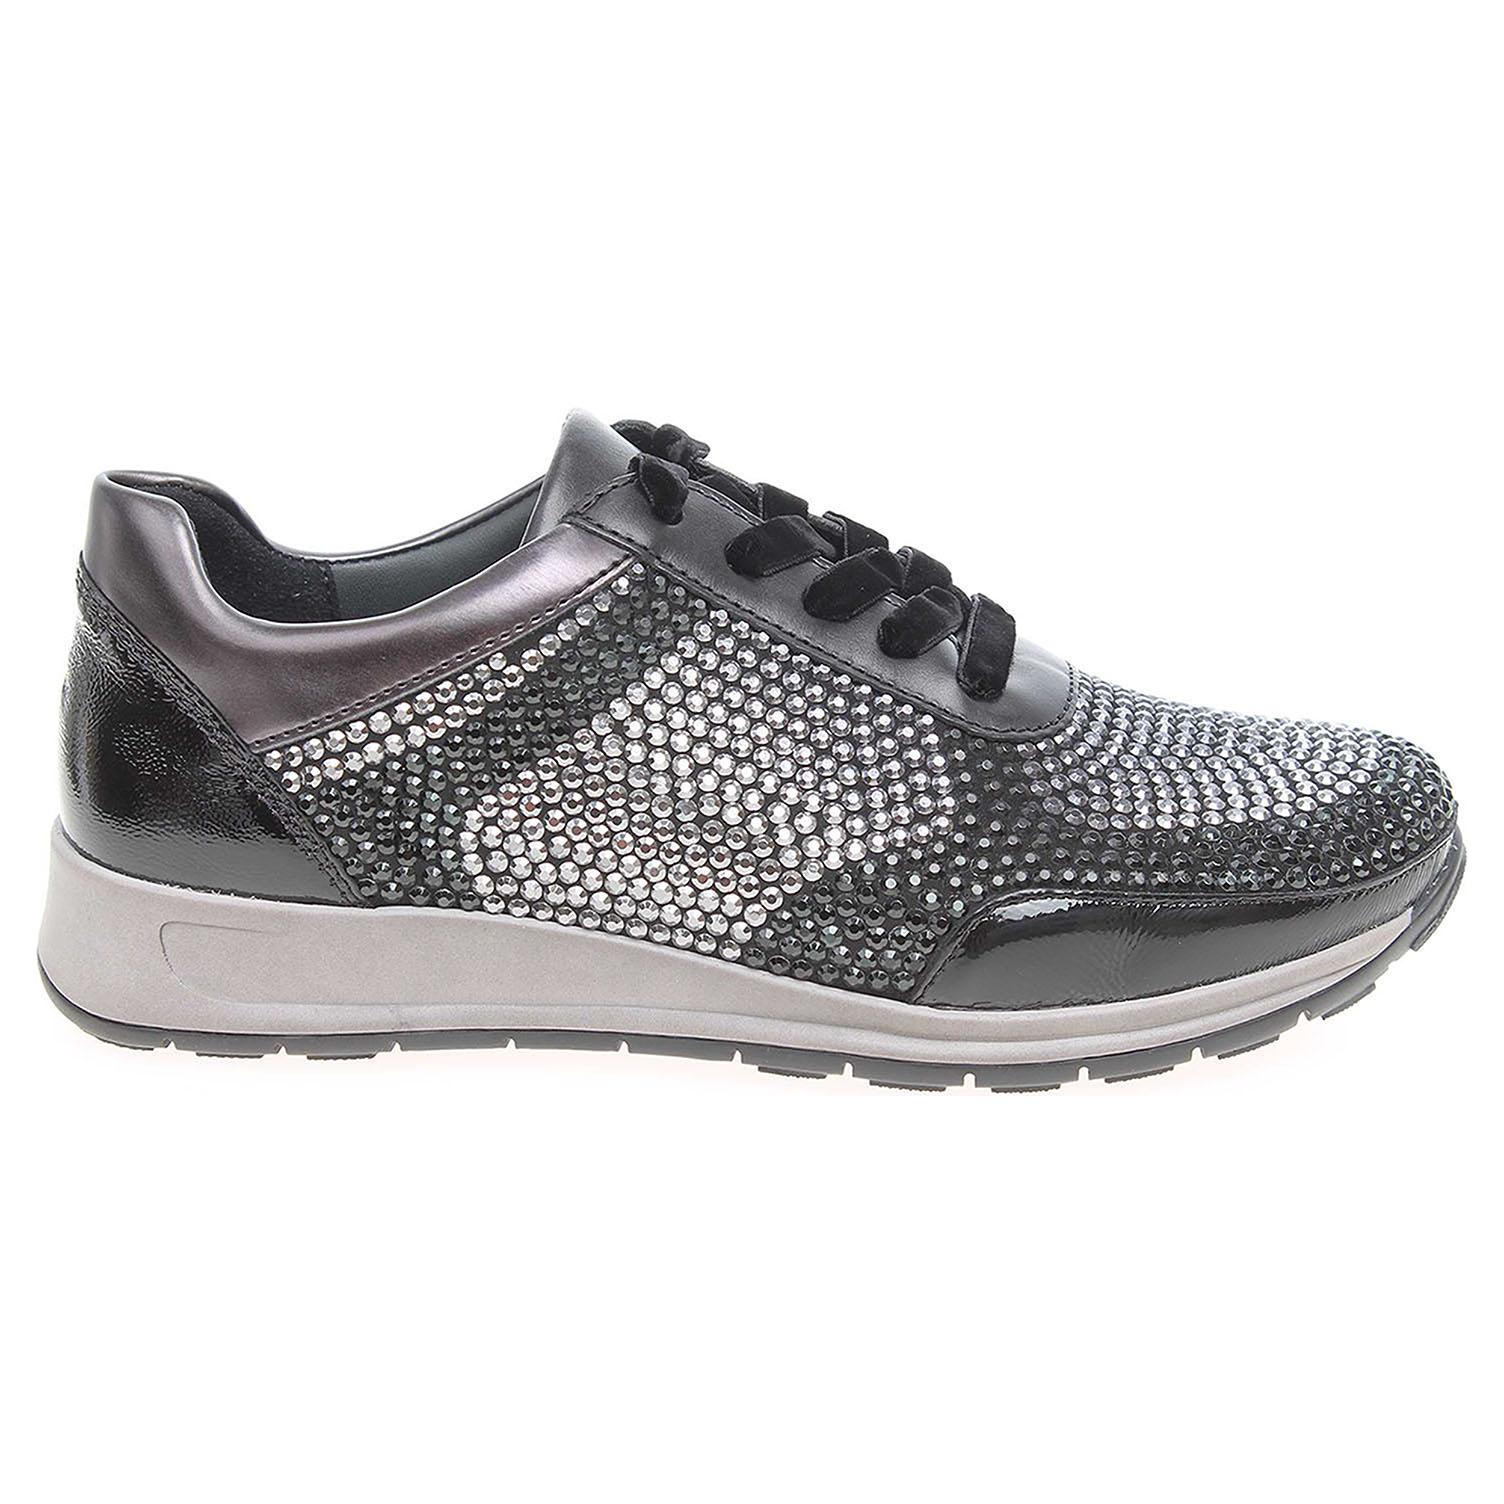 Ecco Ara dámská obuv 44567-05 černá 23200730 fb8253b4a6